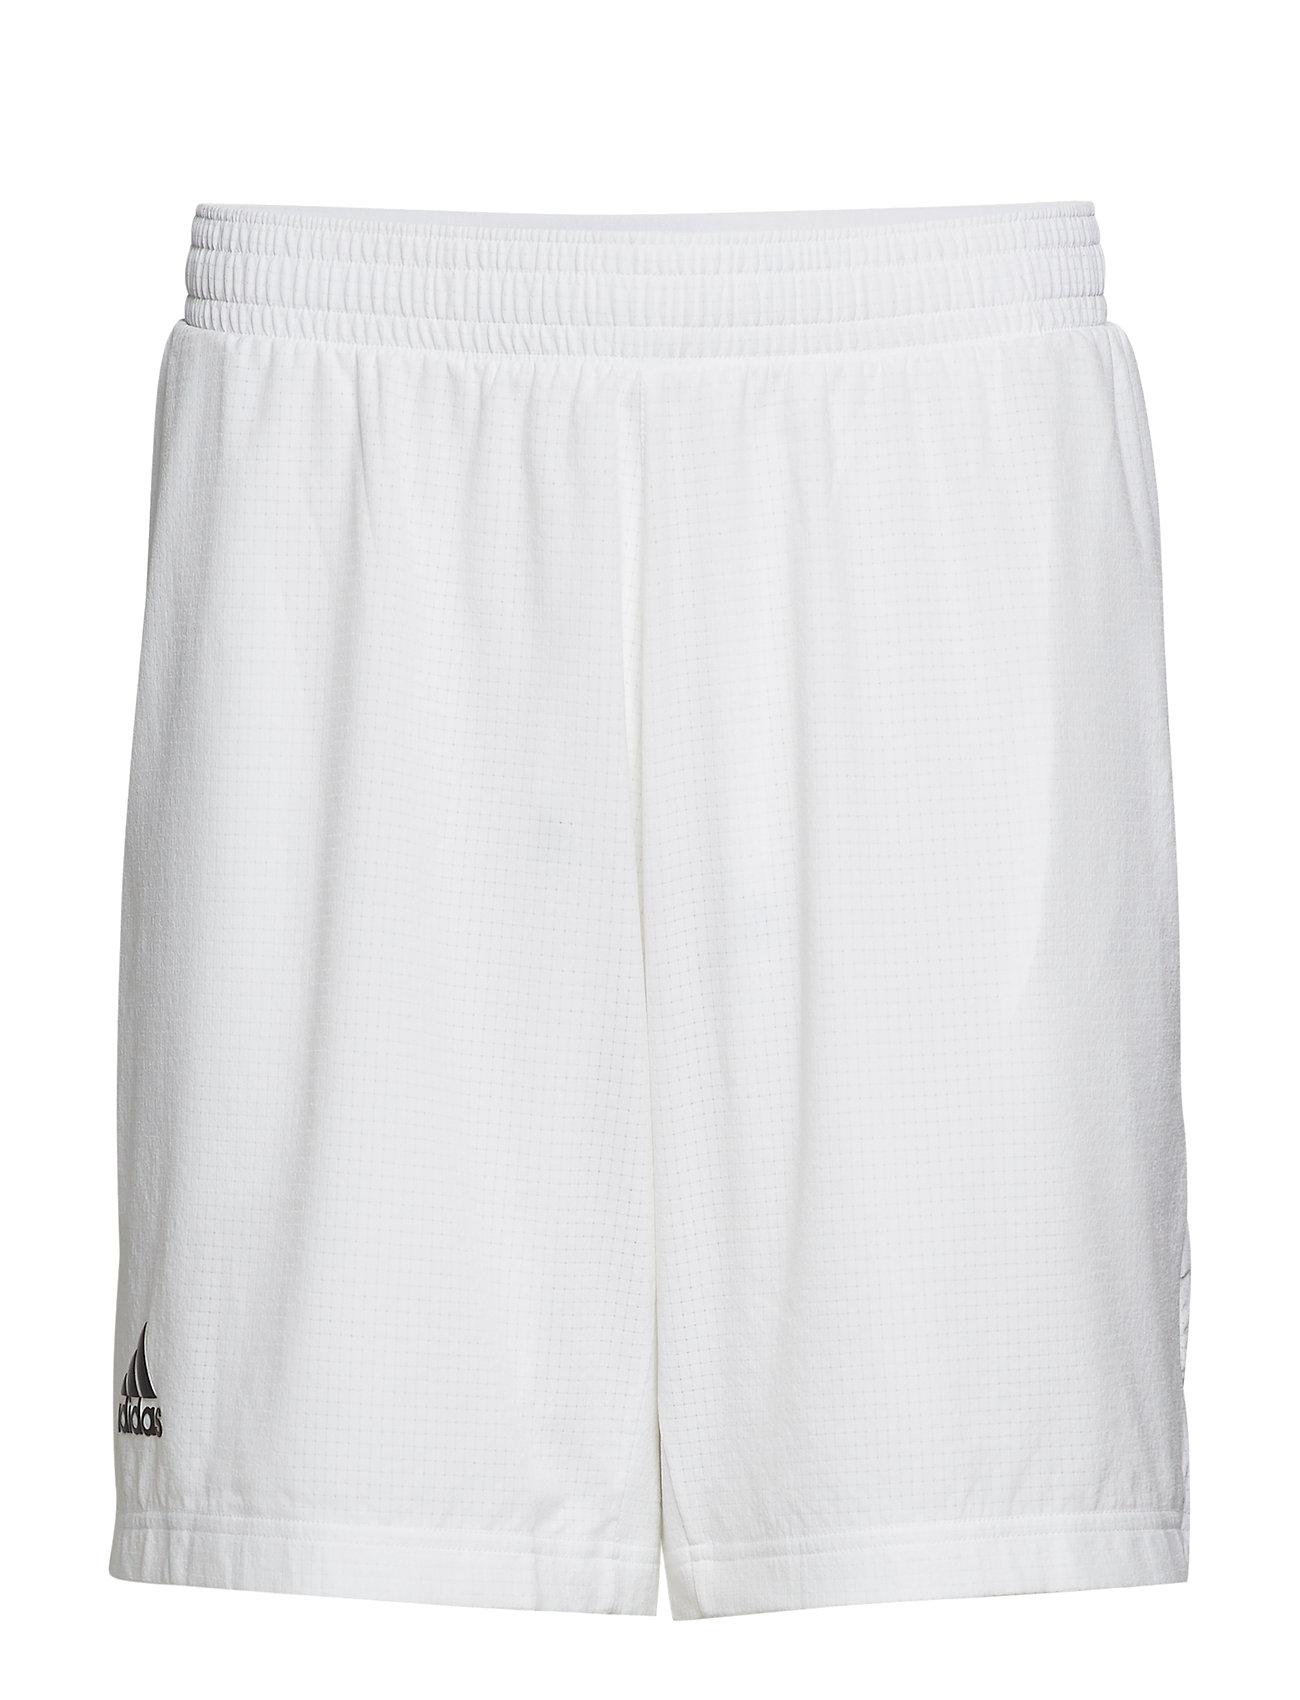 adidas Tennis MC ERGO SHORT 7 - WHITE